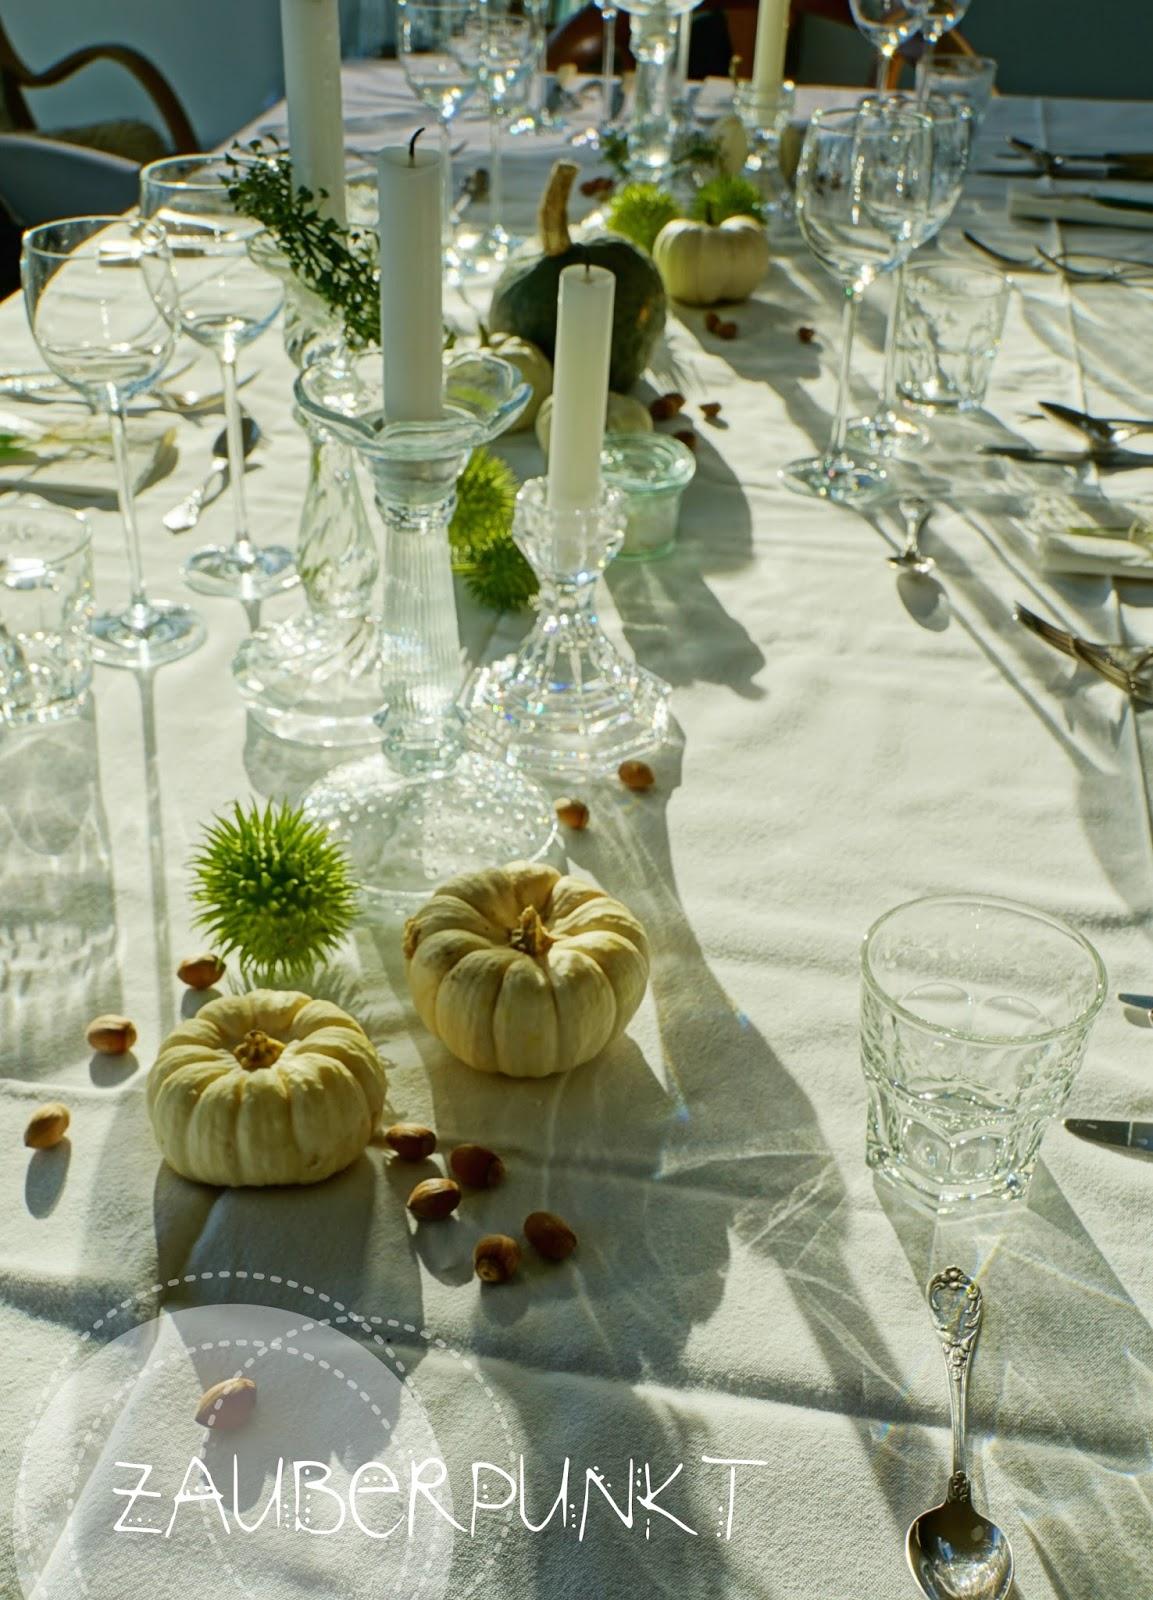 Zauberpunkt herbstliche tischdekoration for Tischdekoration herbst